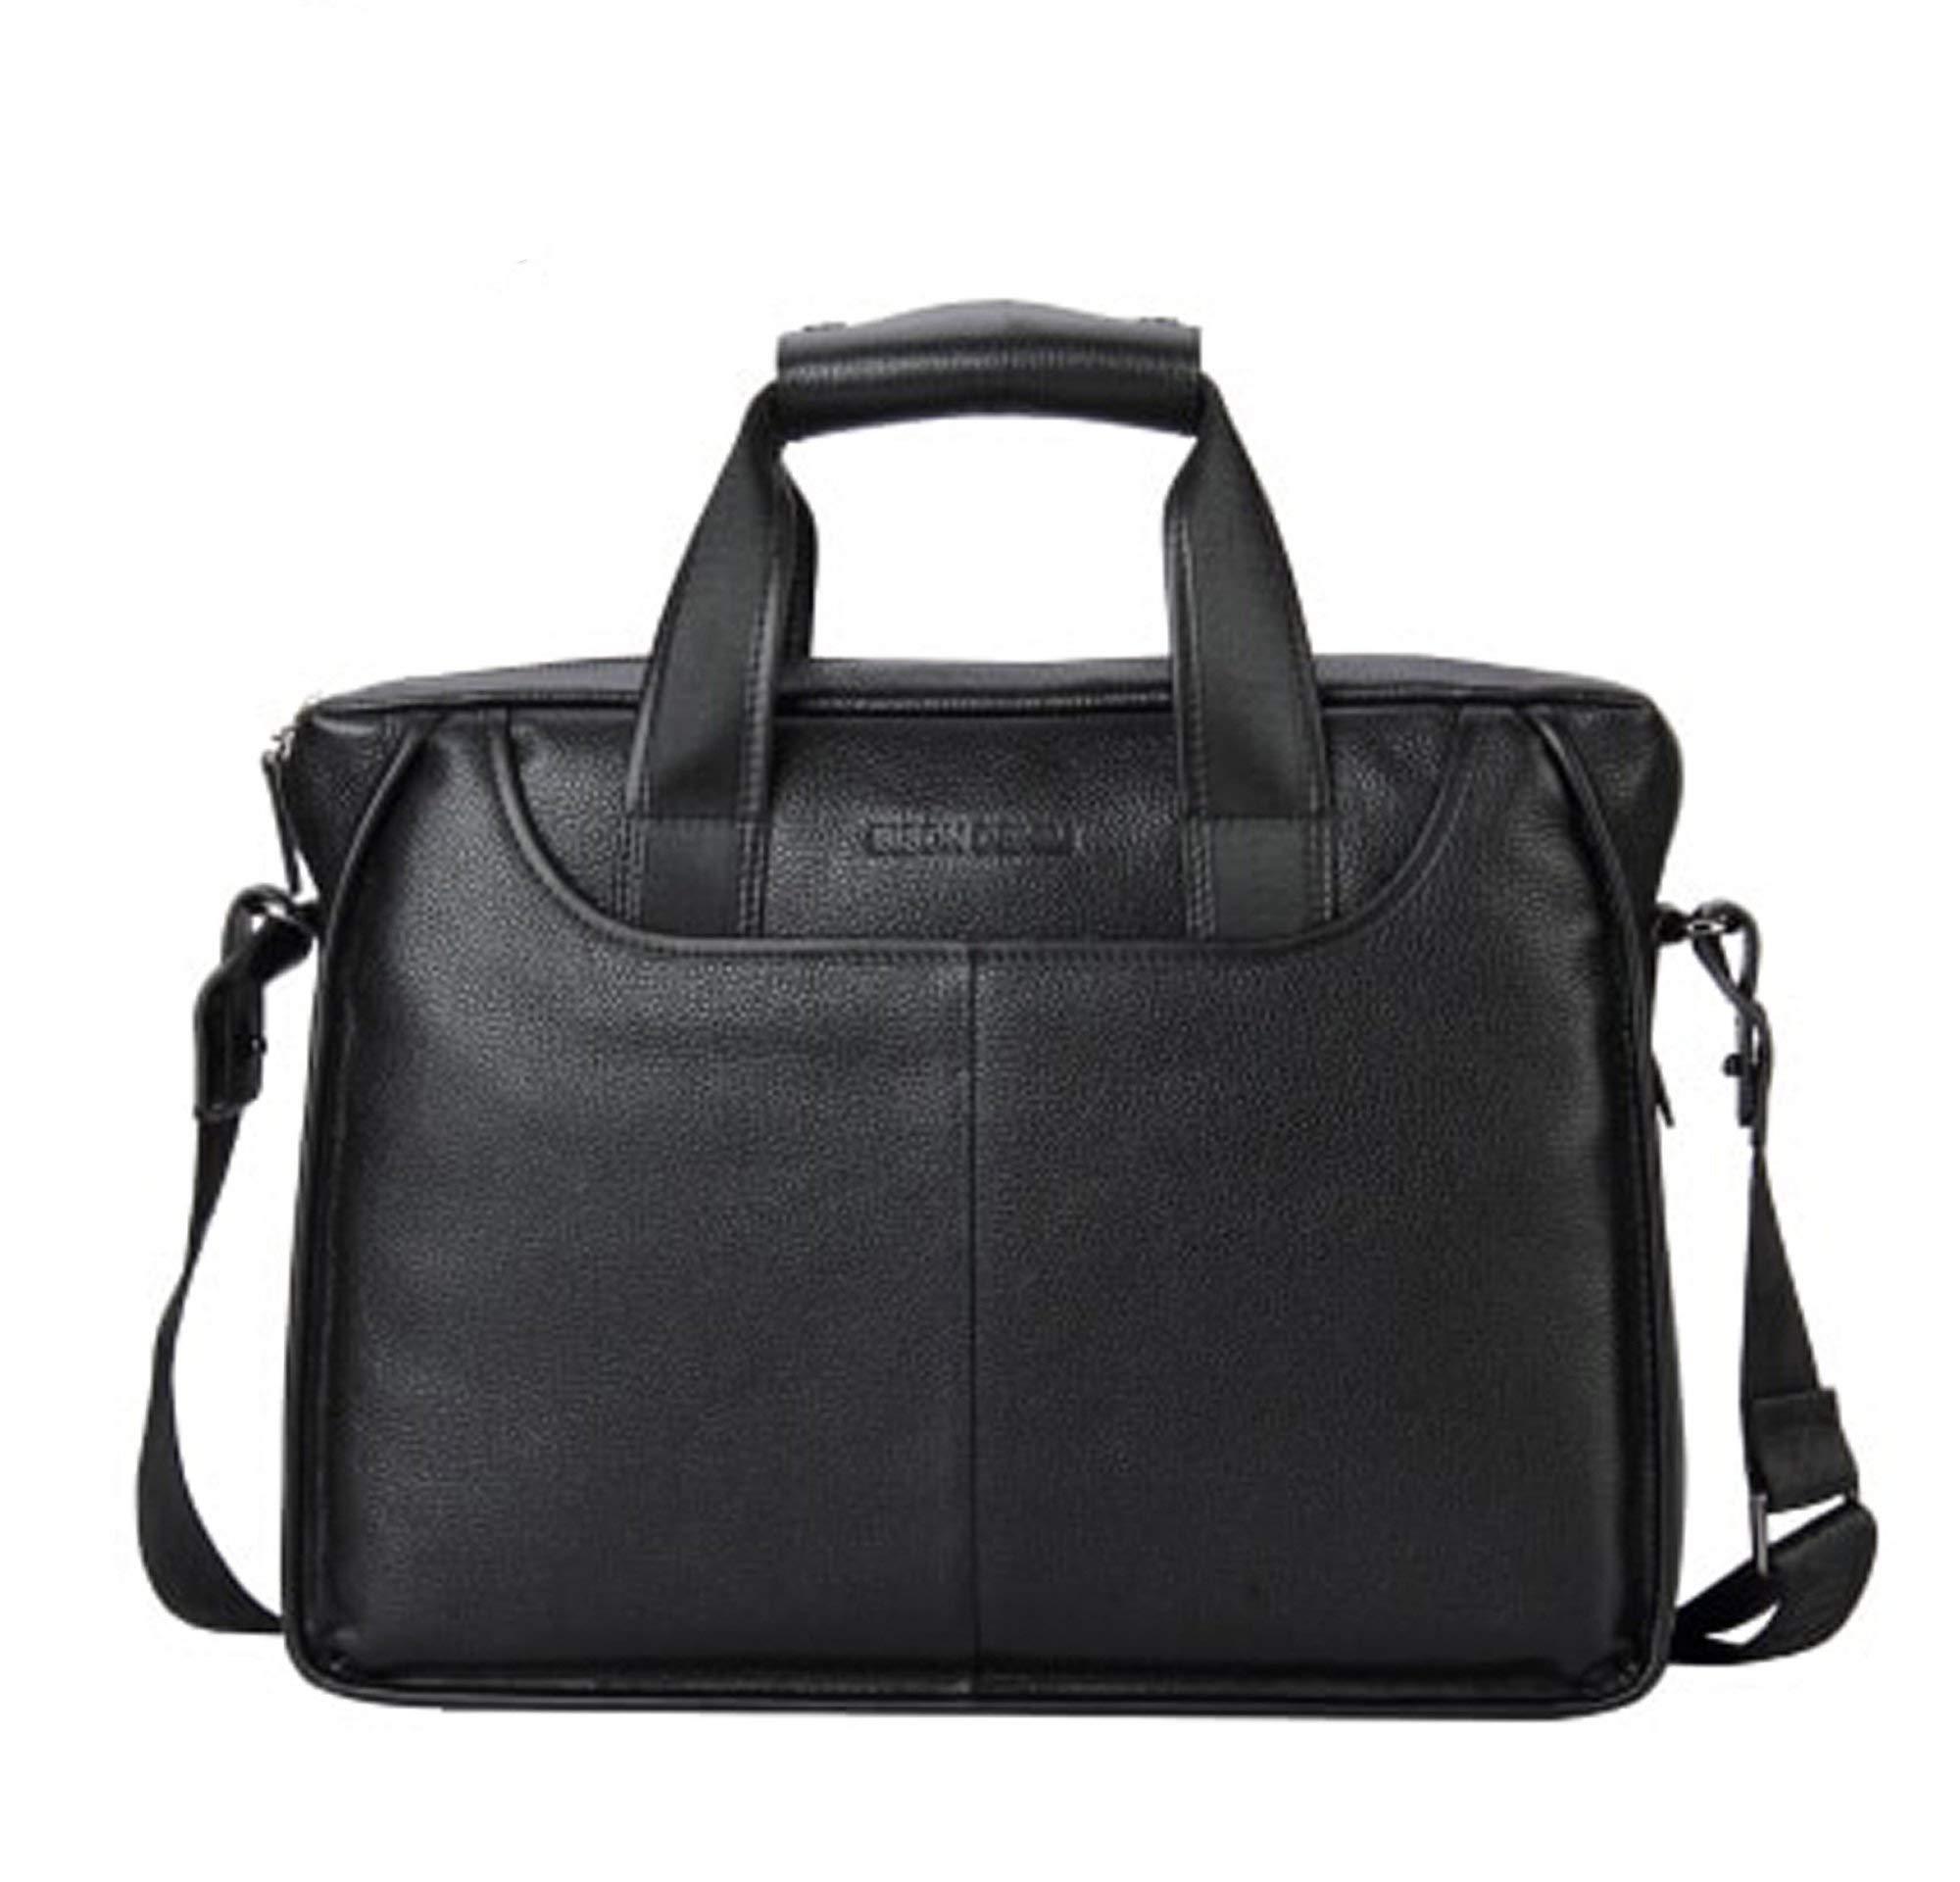 Genuine Leather Guarantee Briefcase Men Bag 14 inch Laptop Soft Cowhide Messenger Bag Handbag Bag Business N2237-3